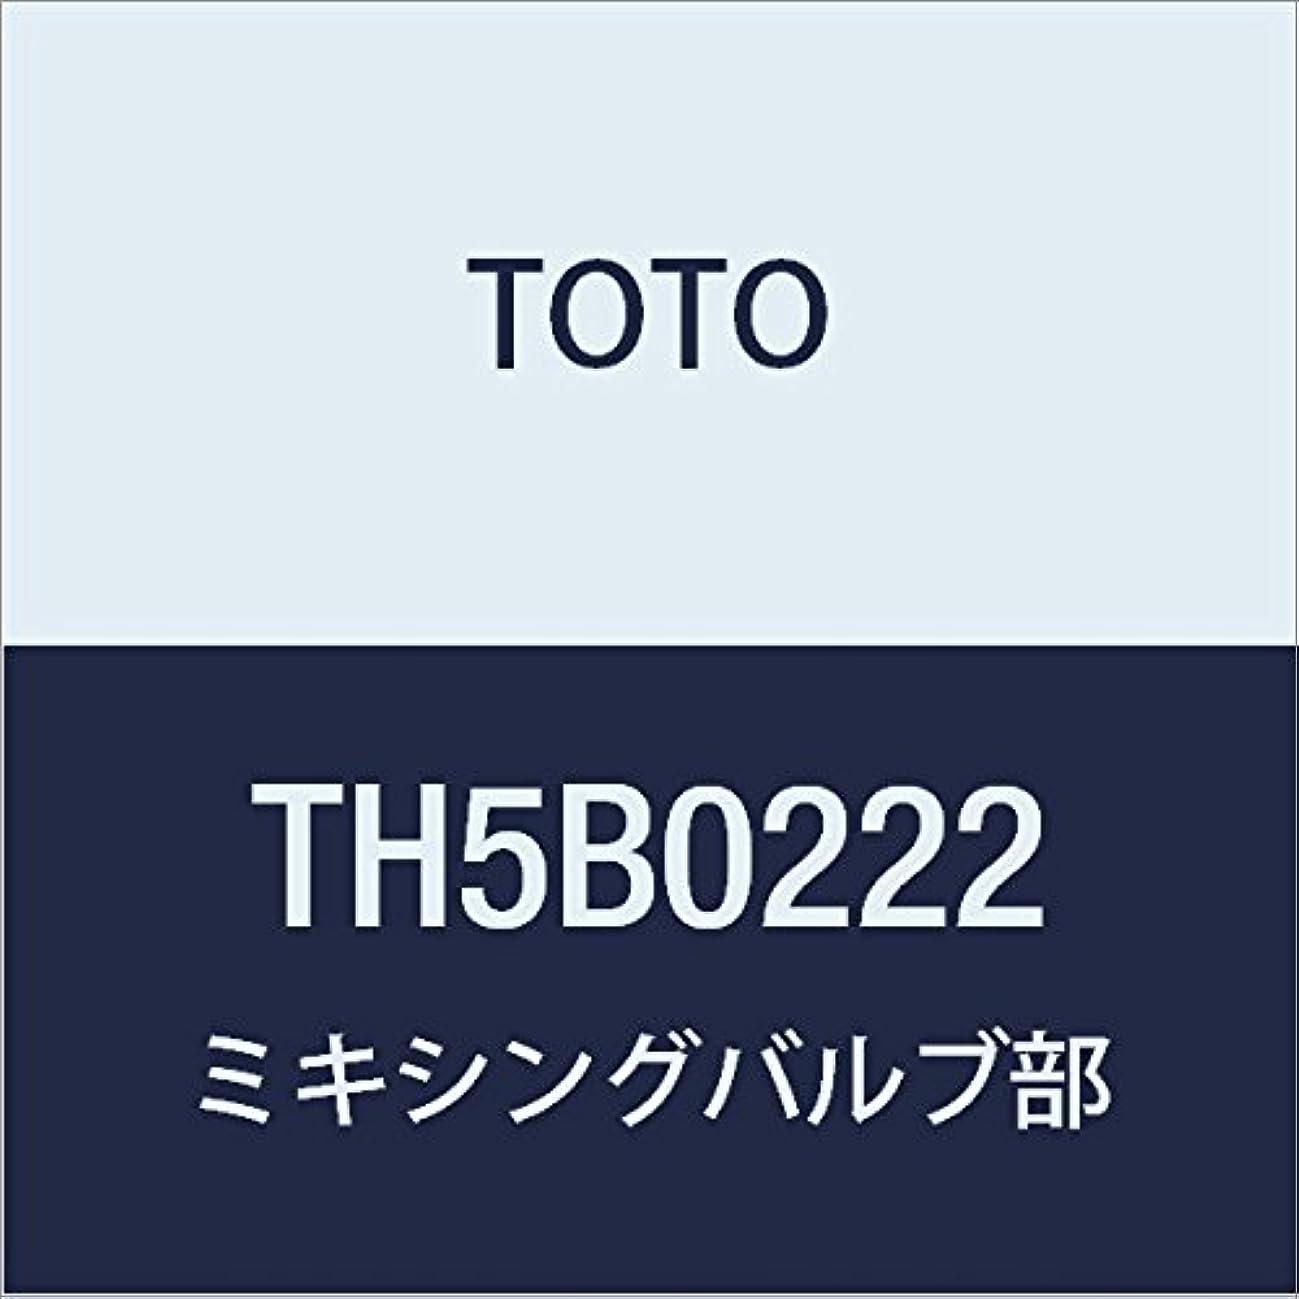 大聖堂ピアノマウスTOTO ミキシングバルブ部 TH5B0222